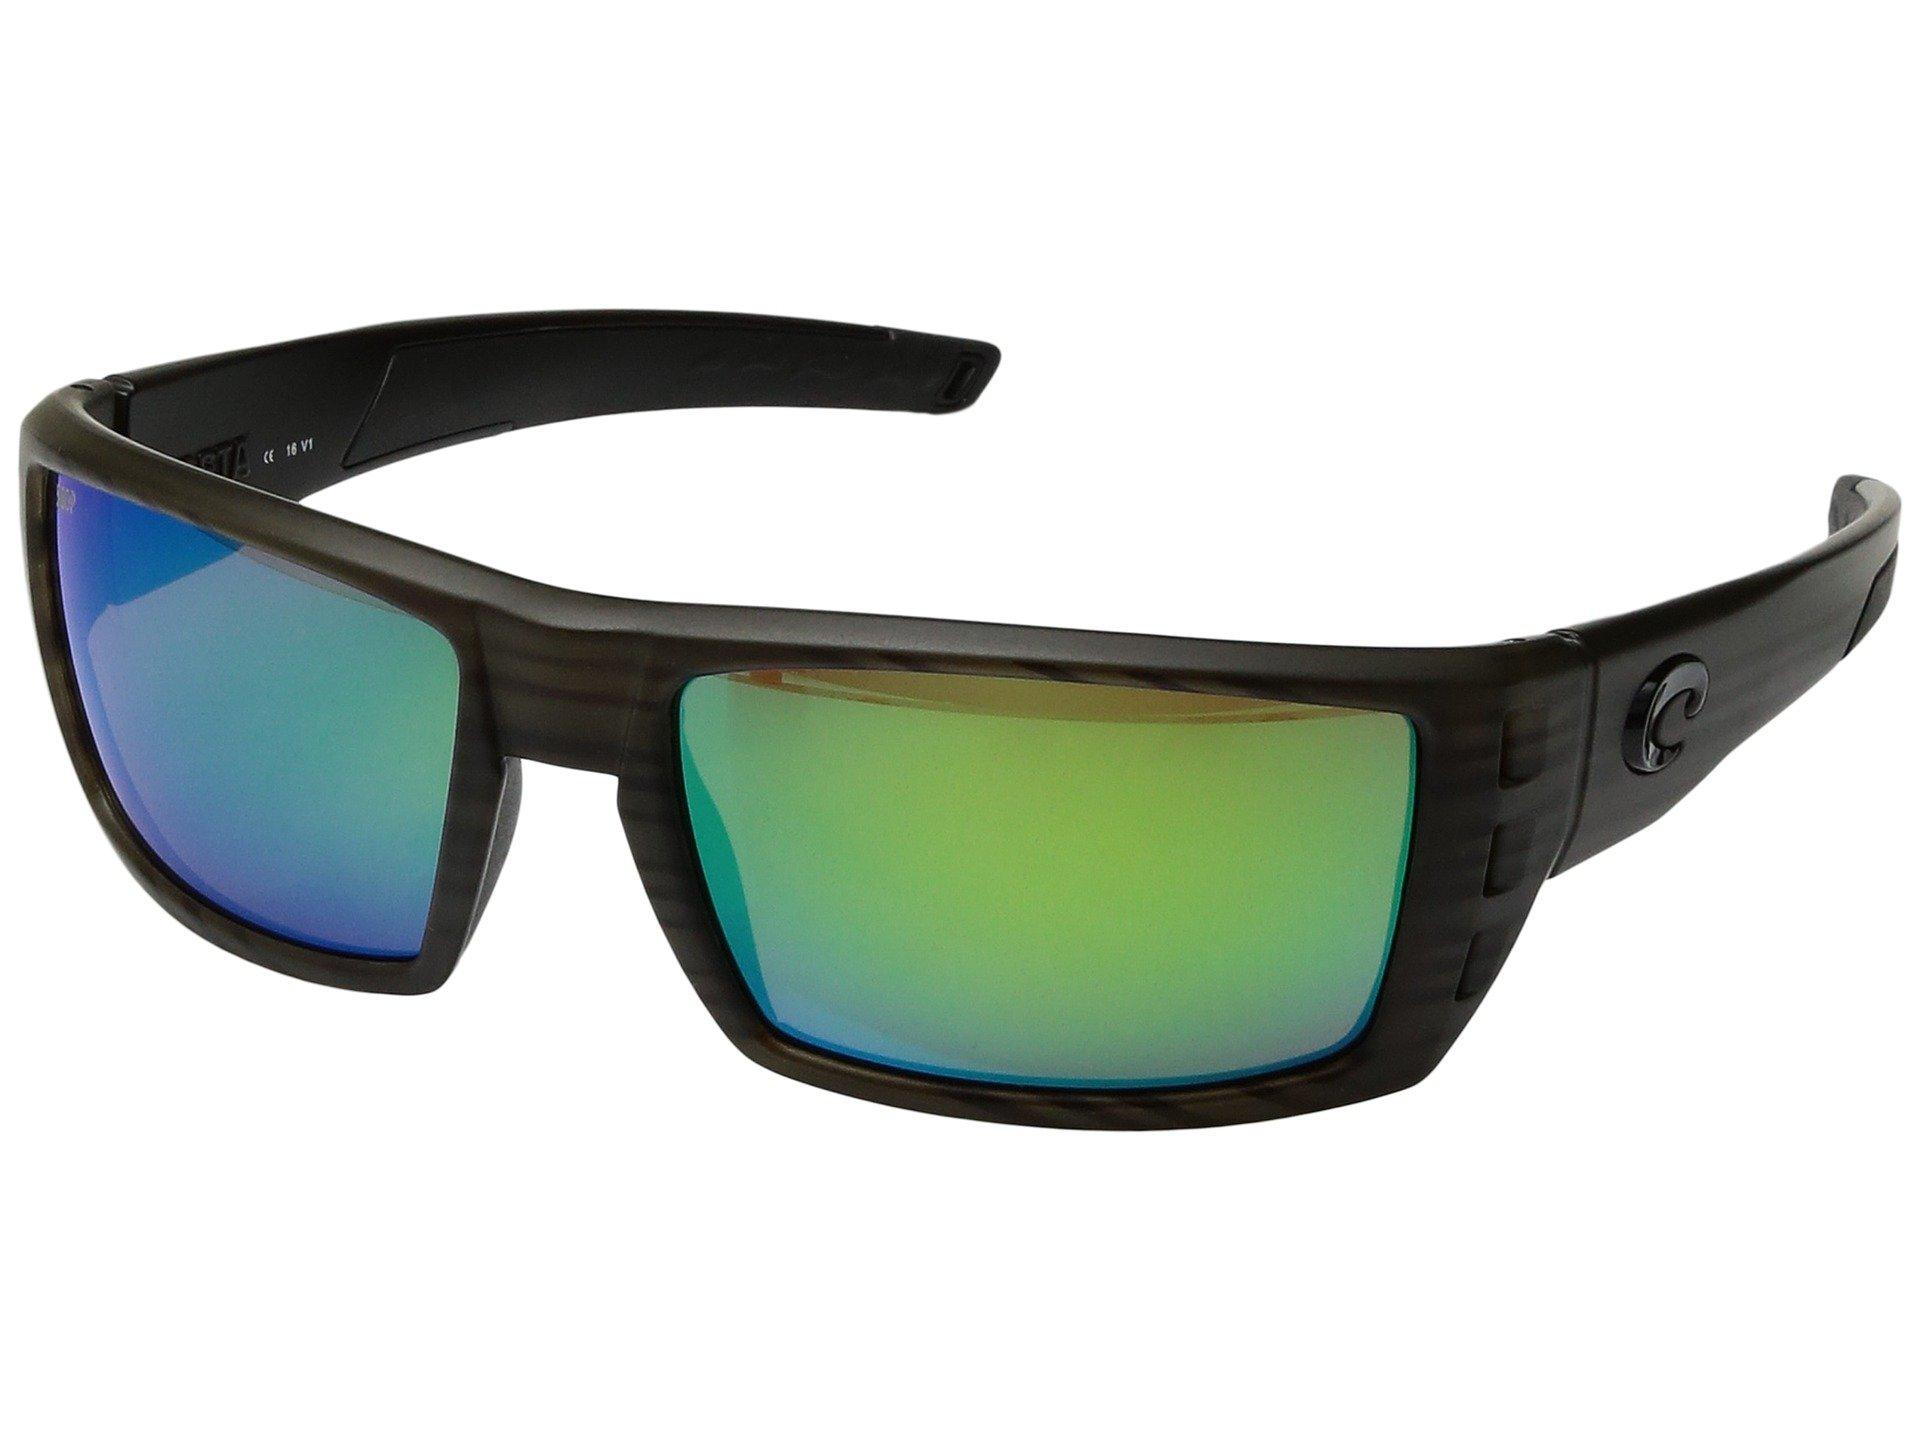 Costa Del Mar Rafael Sunglasses, Olive Teak, Green Mirror 580 Plastic Lens by Costa Del Mar